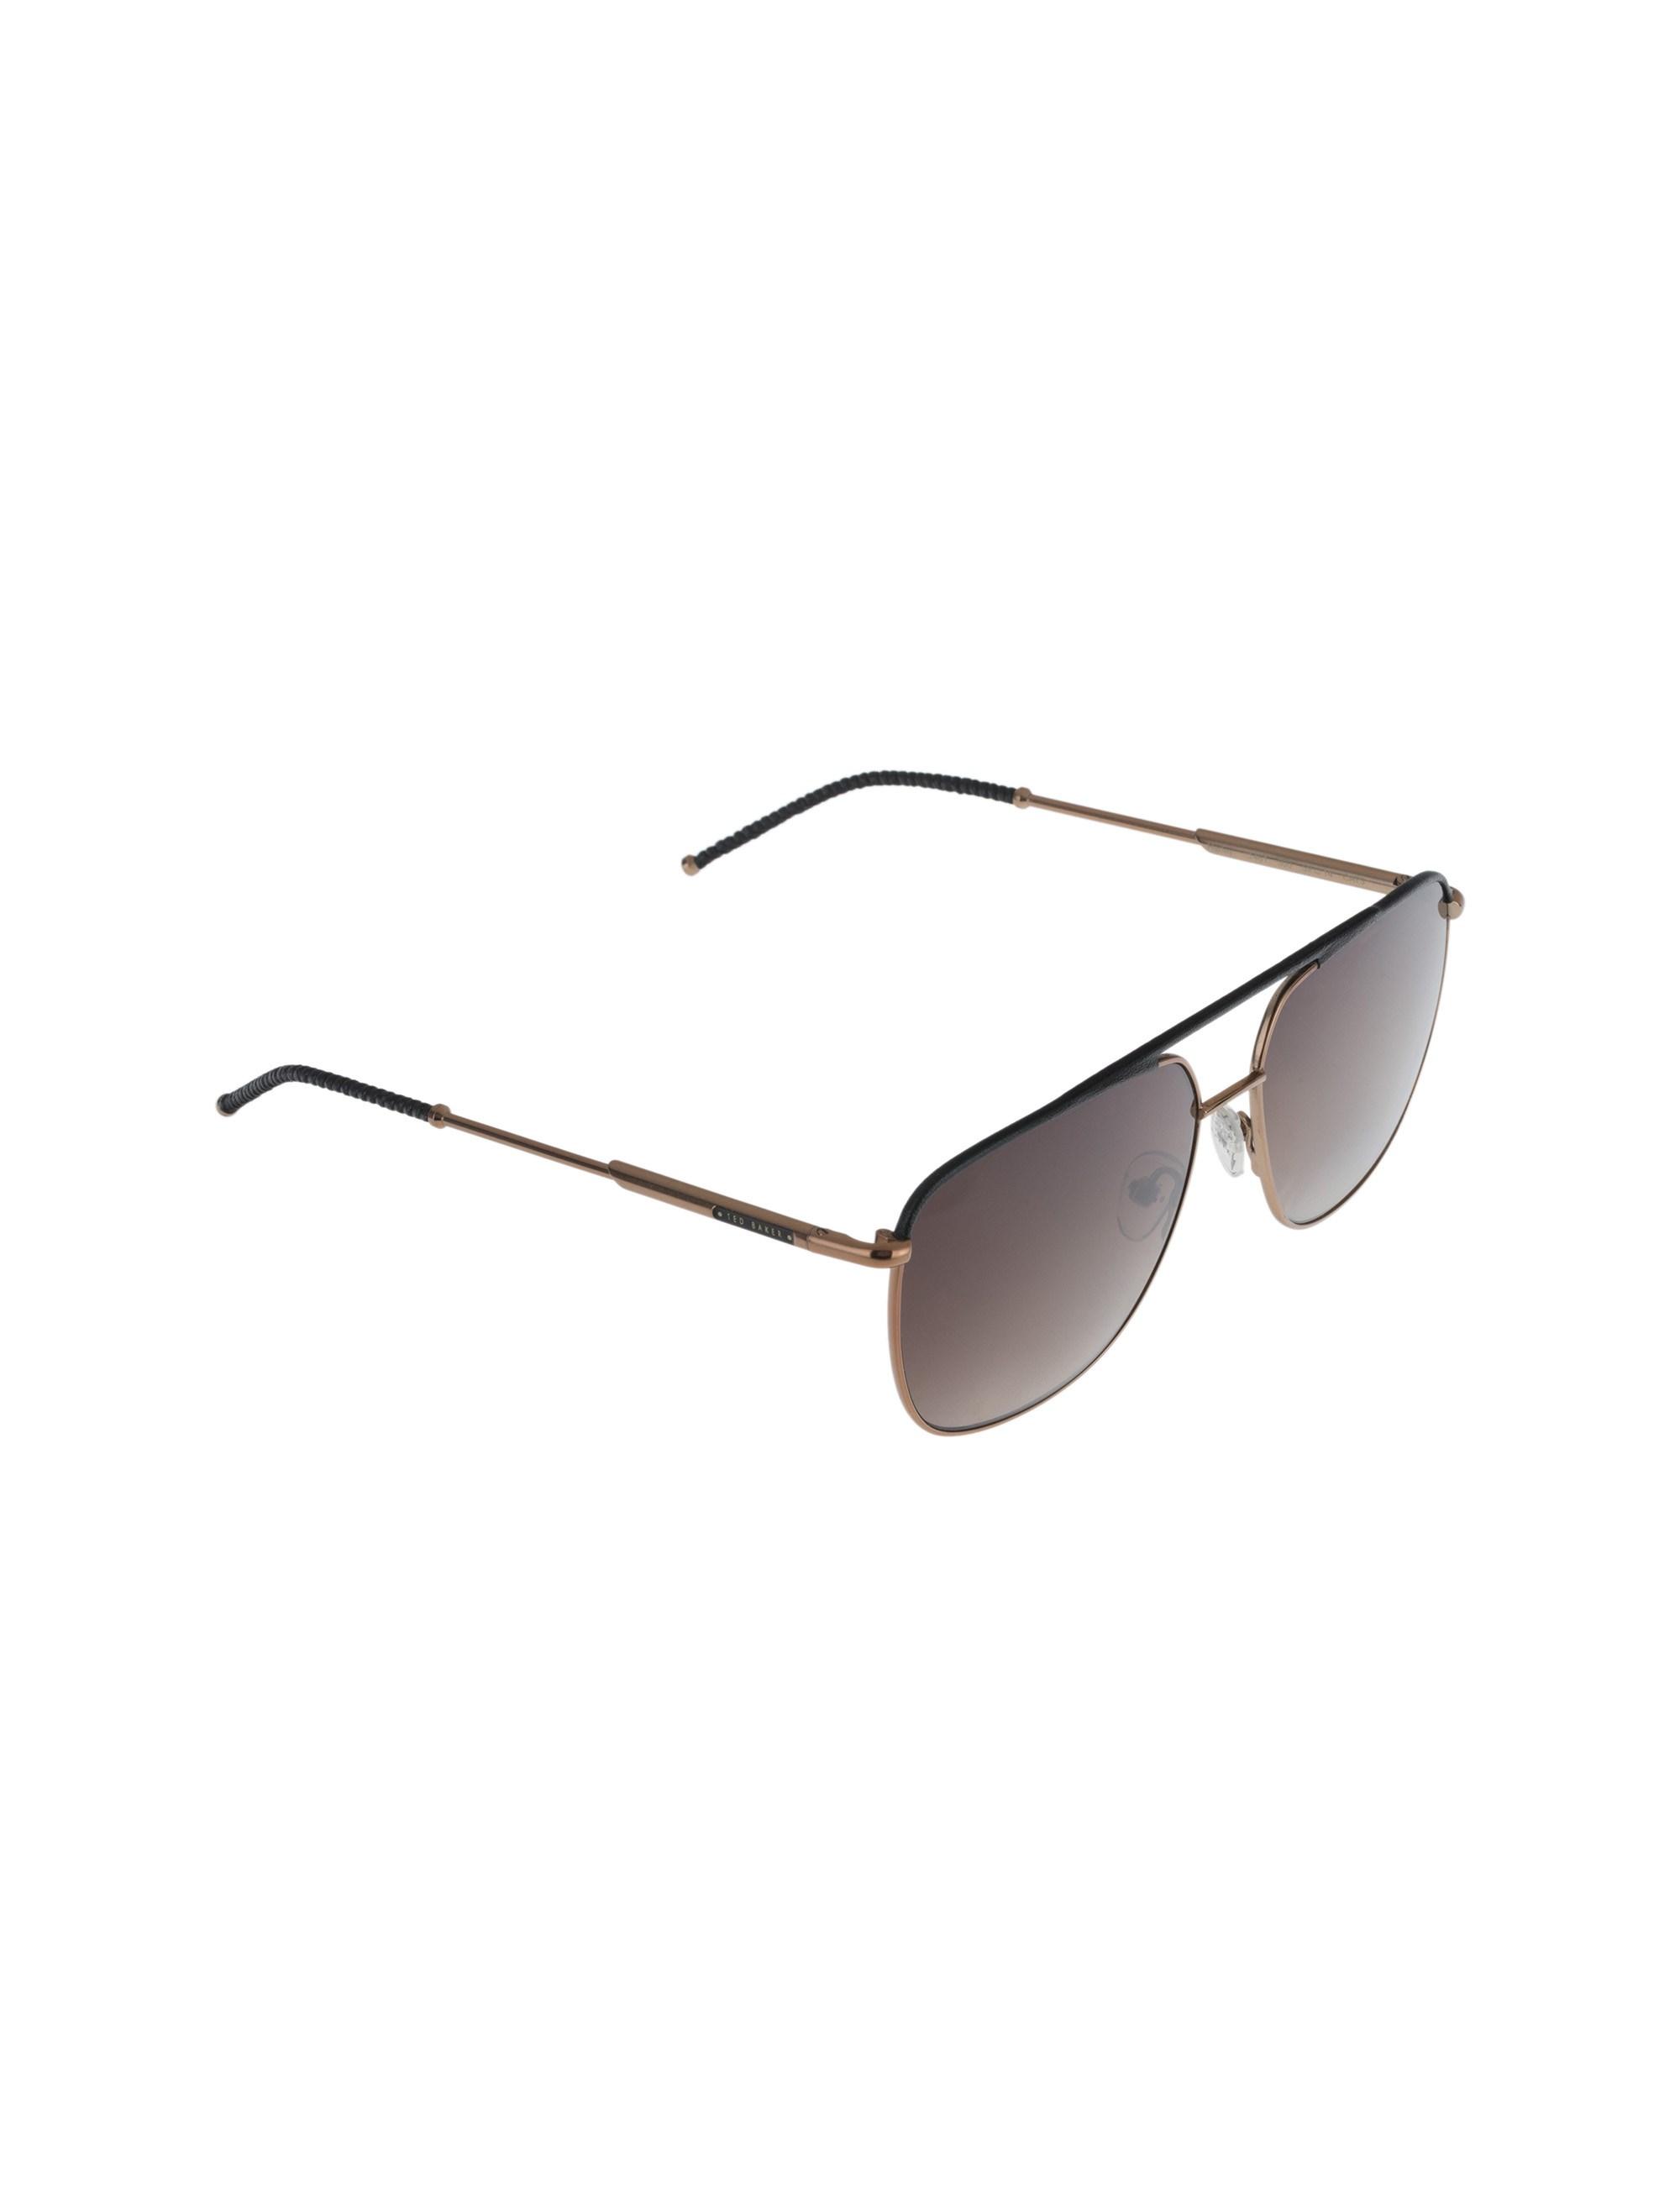 عینک آفتابی خلبانی زنانه - تد بیکر - مشکي و مسي - 2